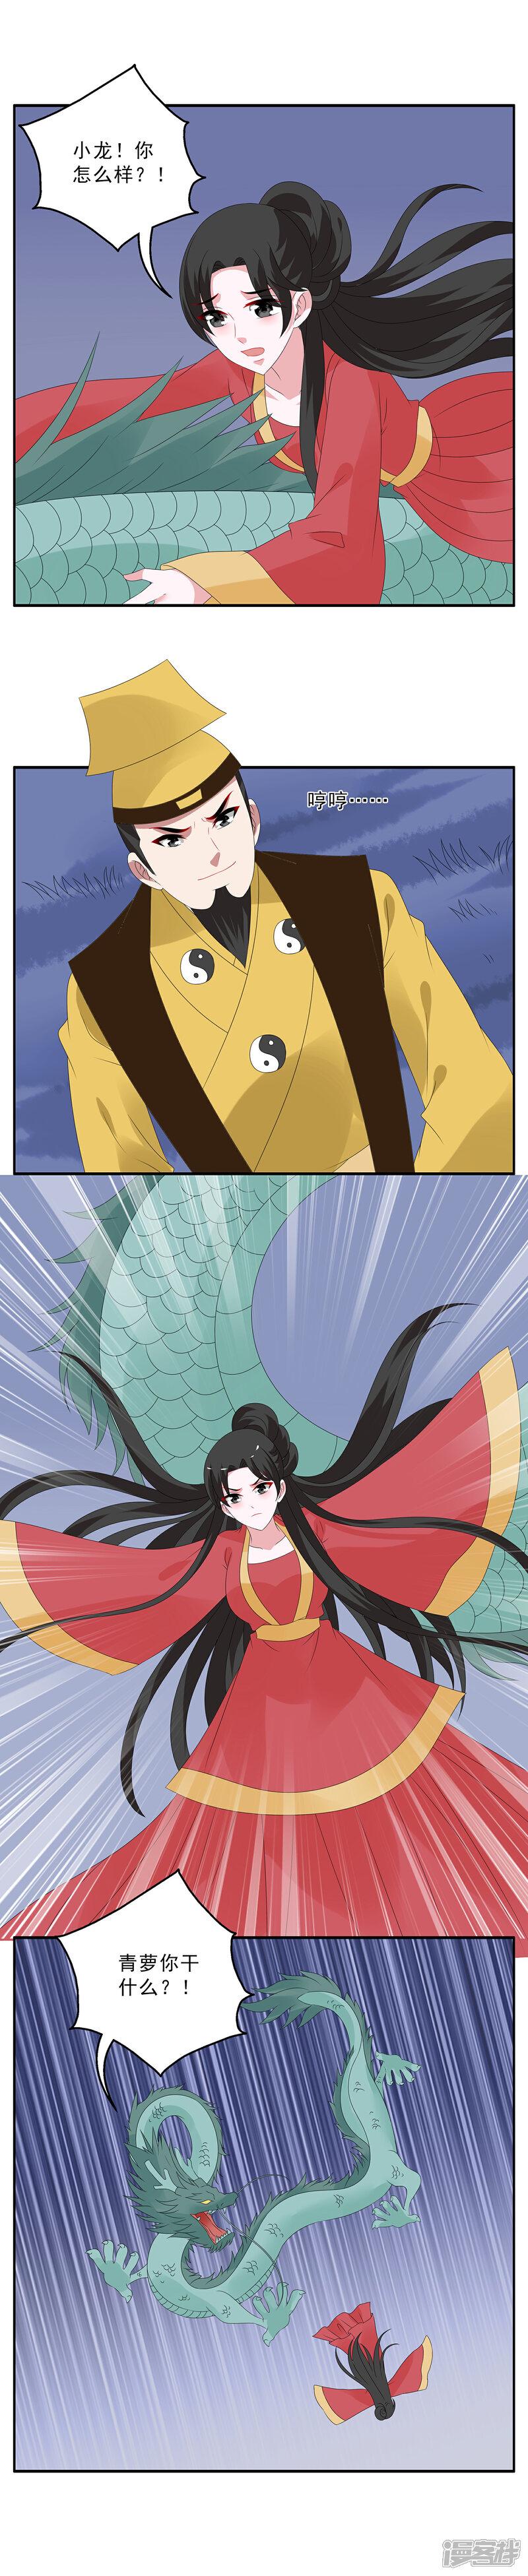 洛小妖117 (4).JPG